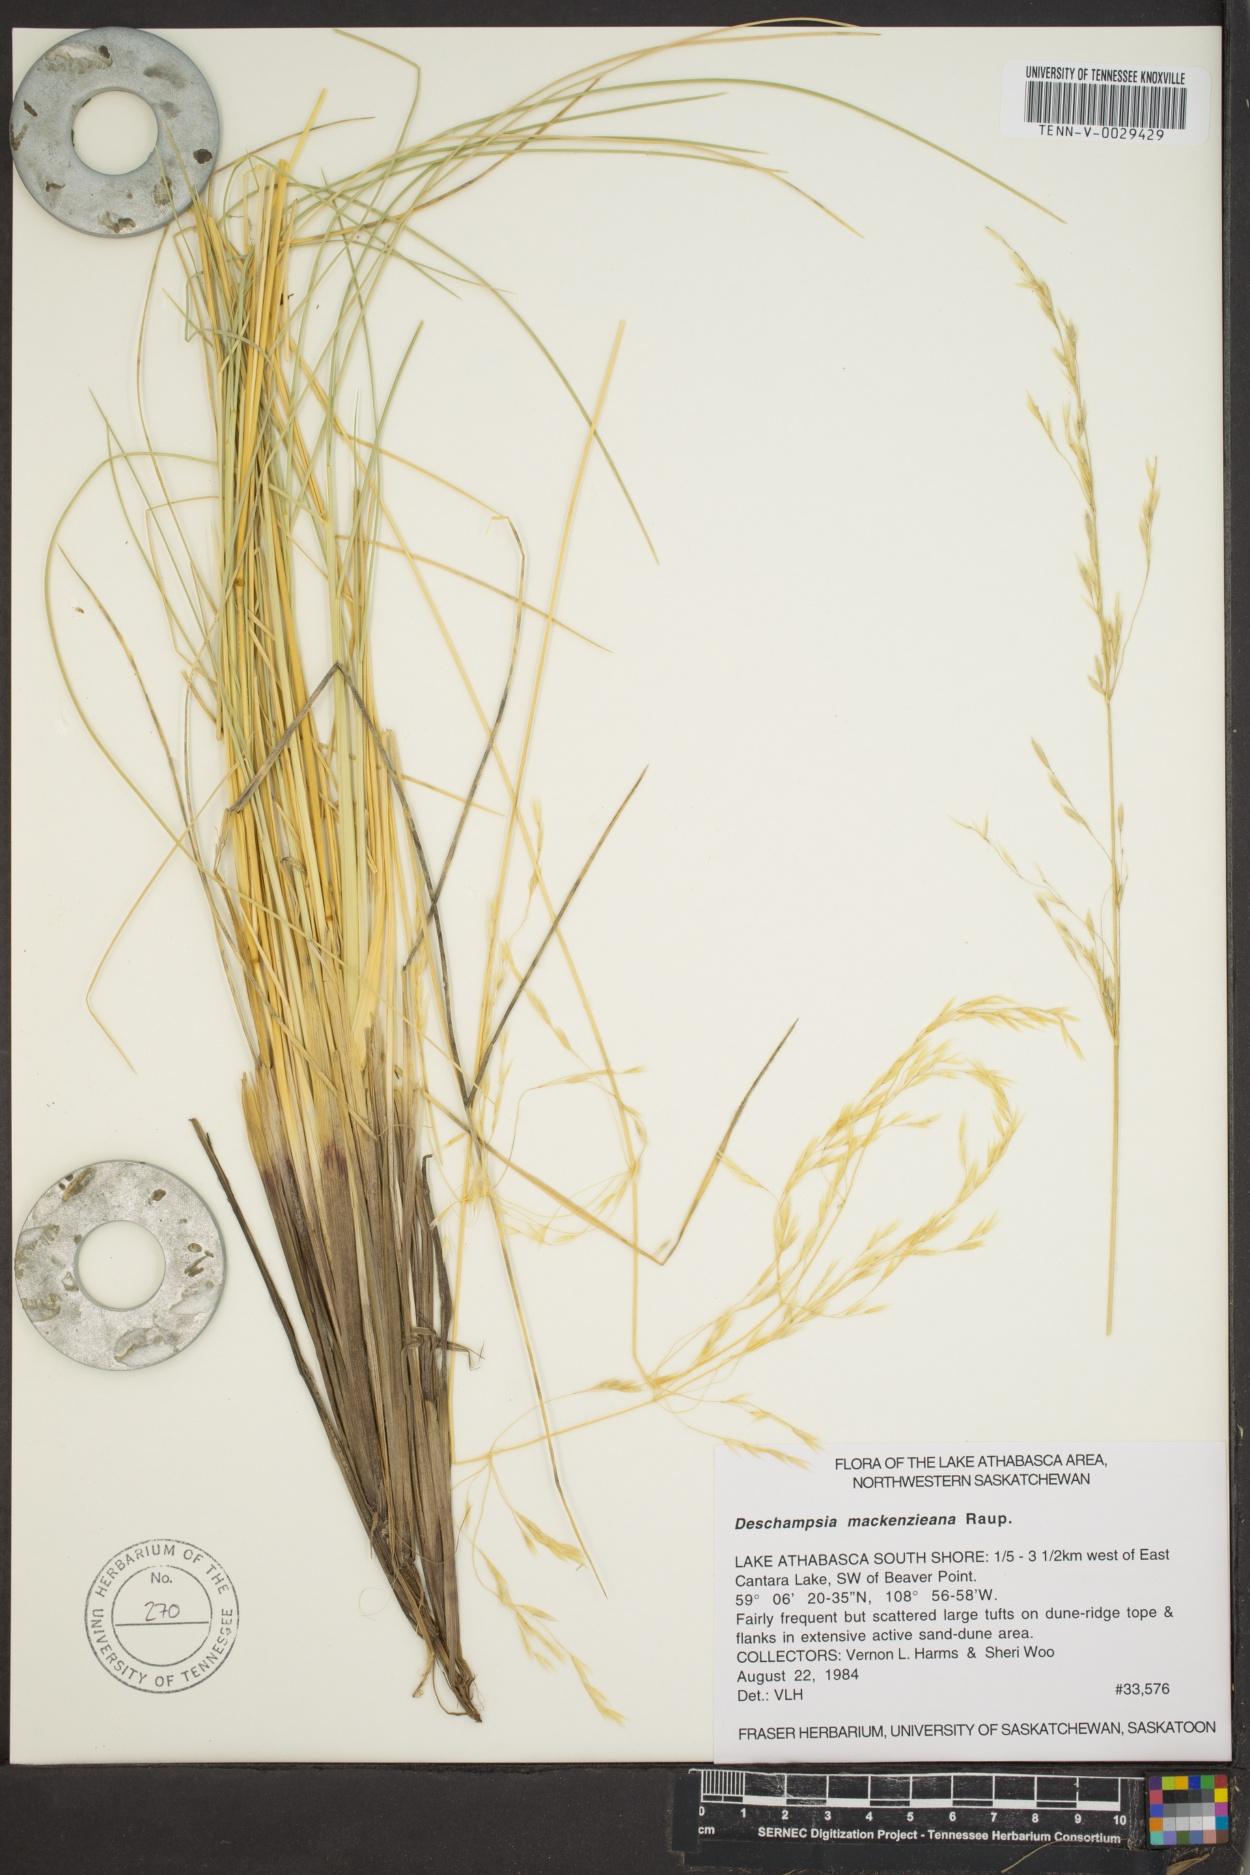 Deschampsia mackenzieana image